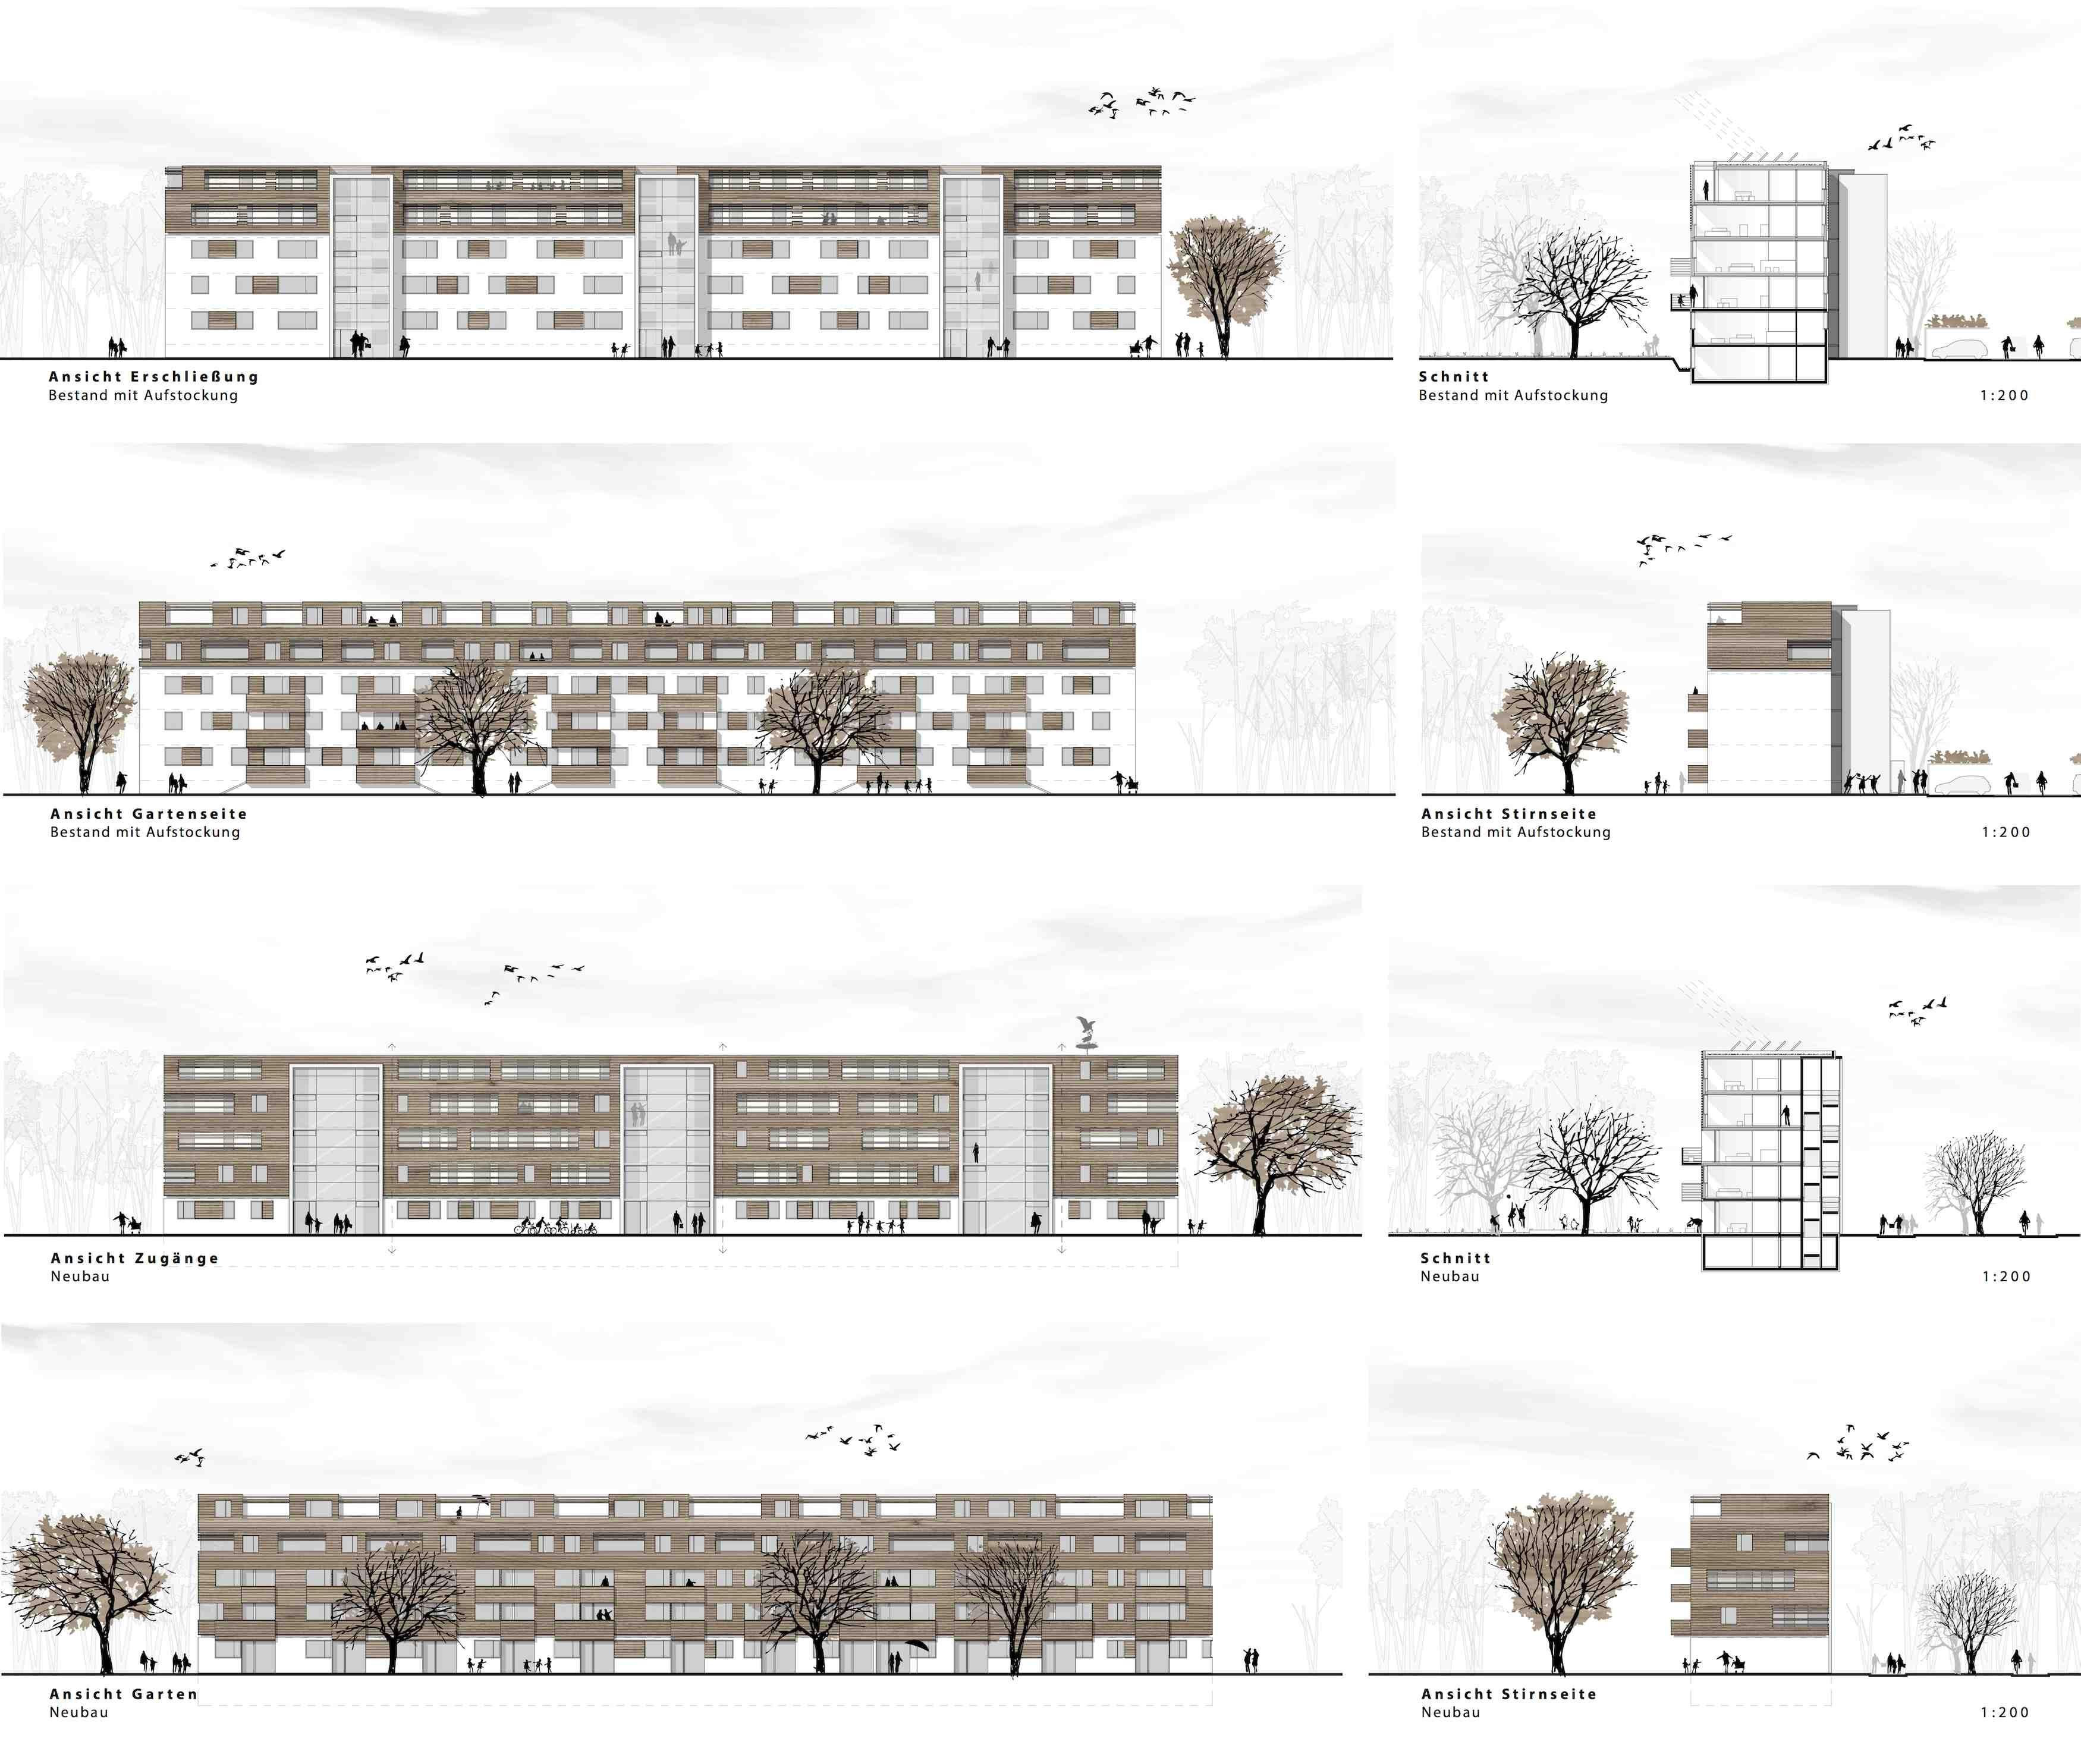 1 preis ansichten aufstockung bestand neubau d rschinger architekten layouts